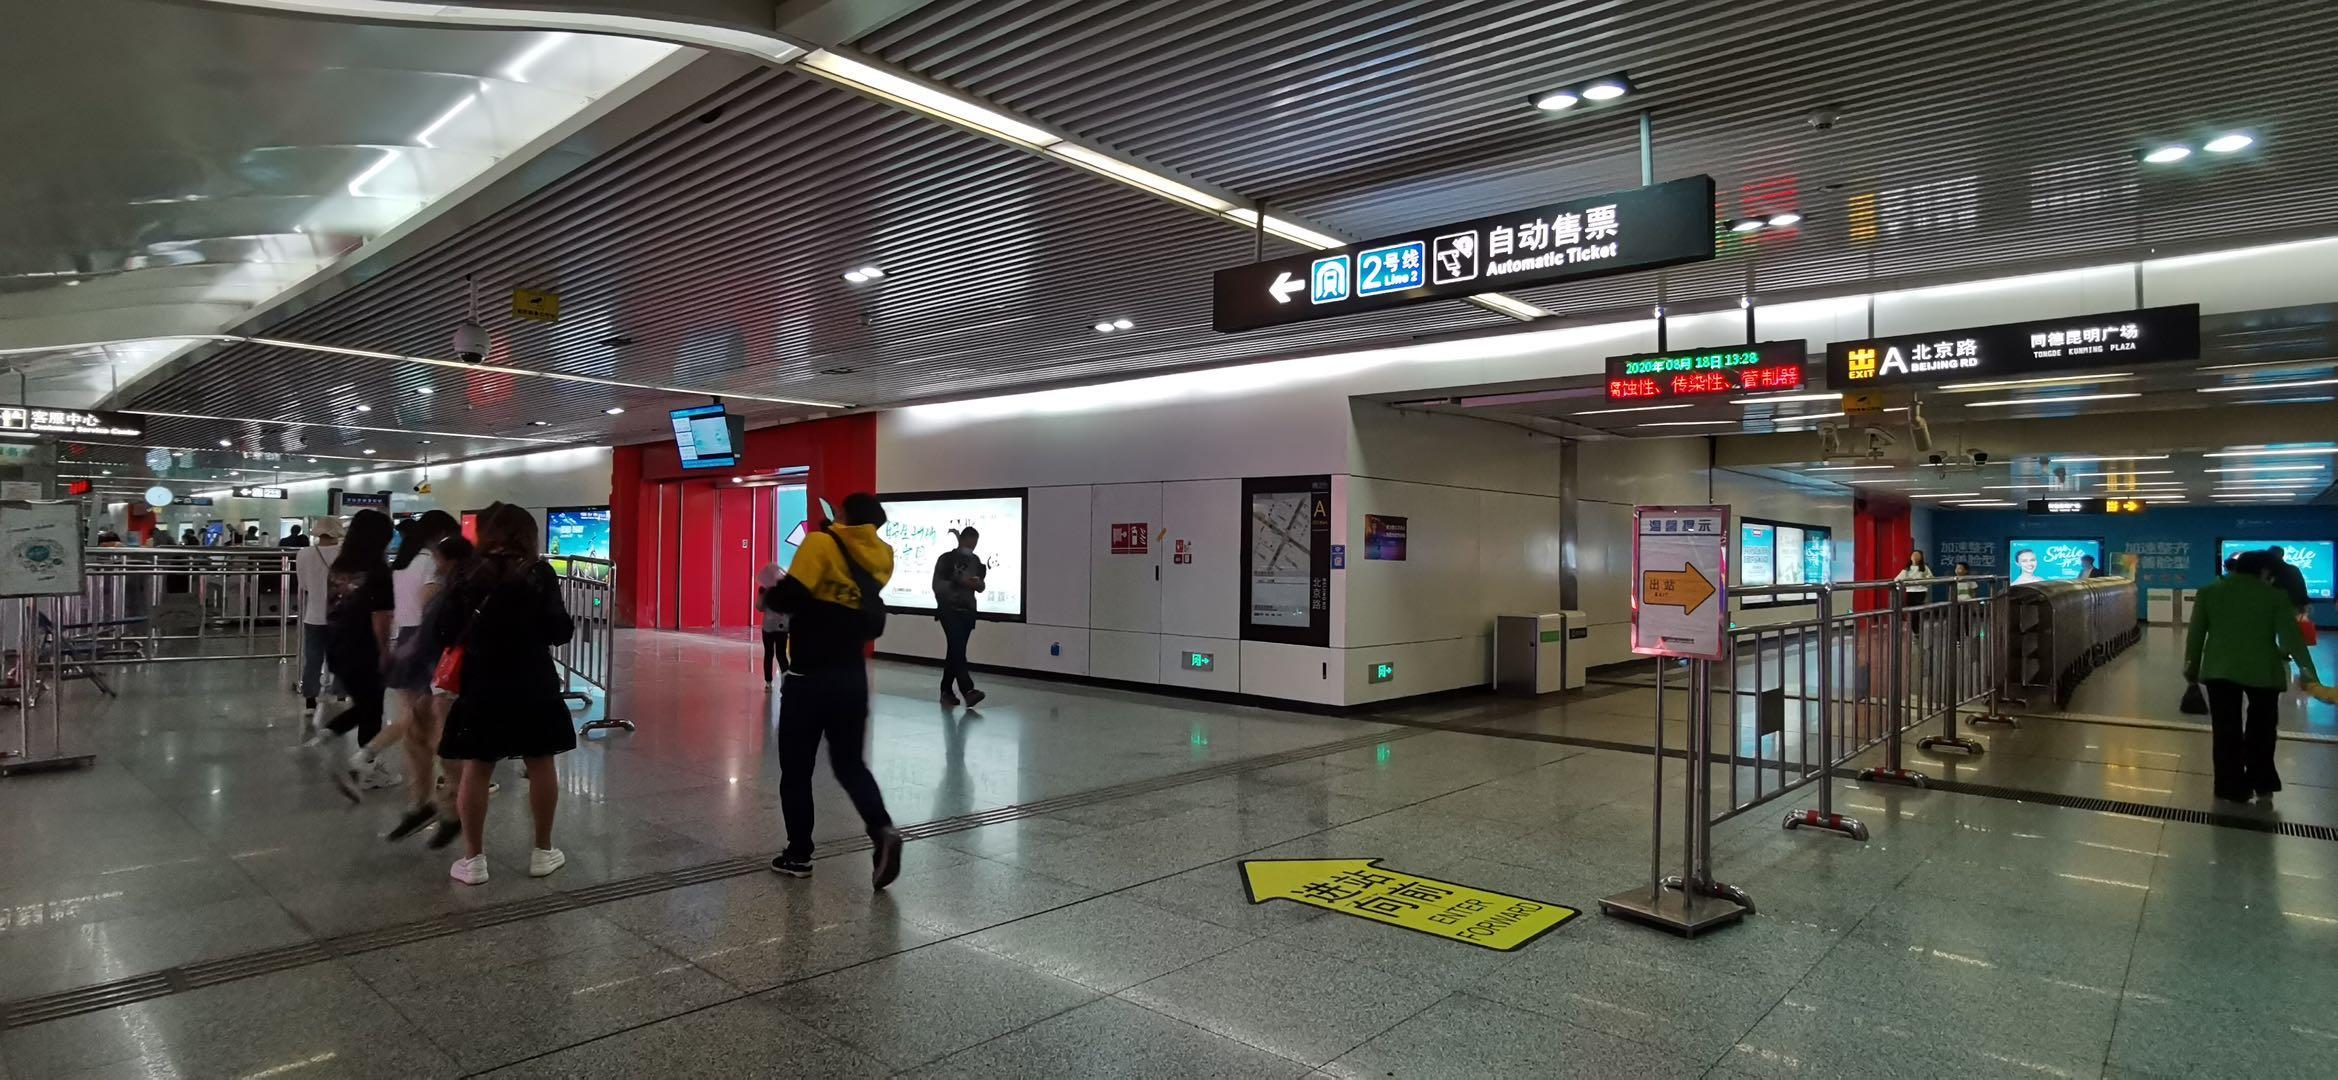 同样无缝接驳昆明白云路地铁站,北云66为什么干不过同德广场?